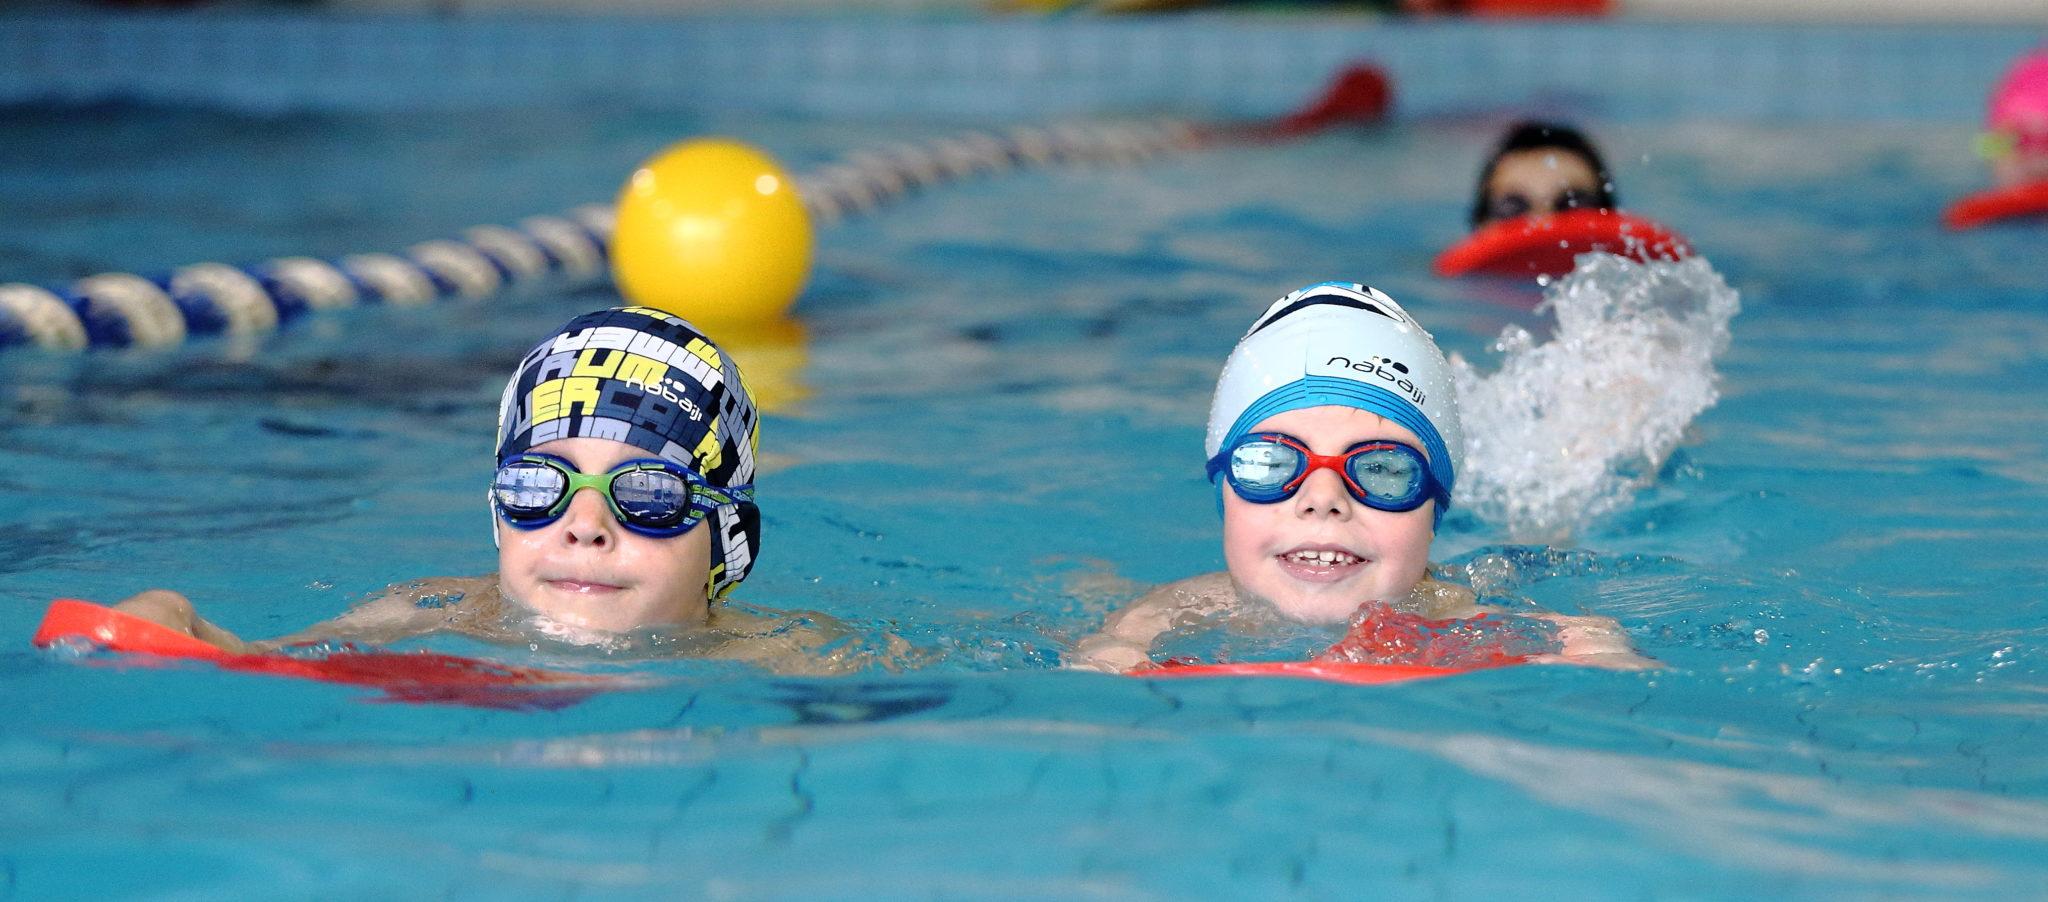 Плавание, 1 занятие в неделю. Малый бассейн